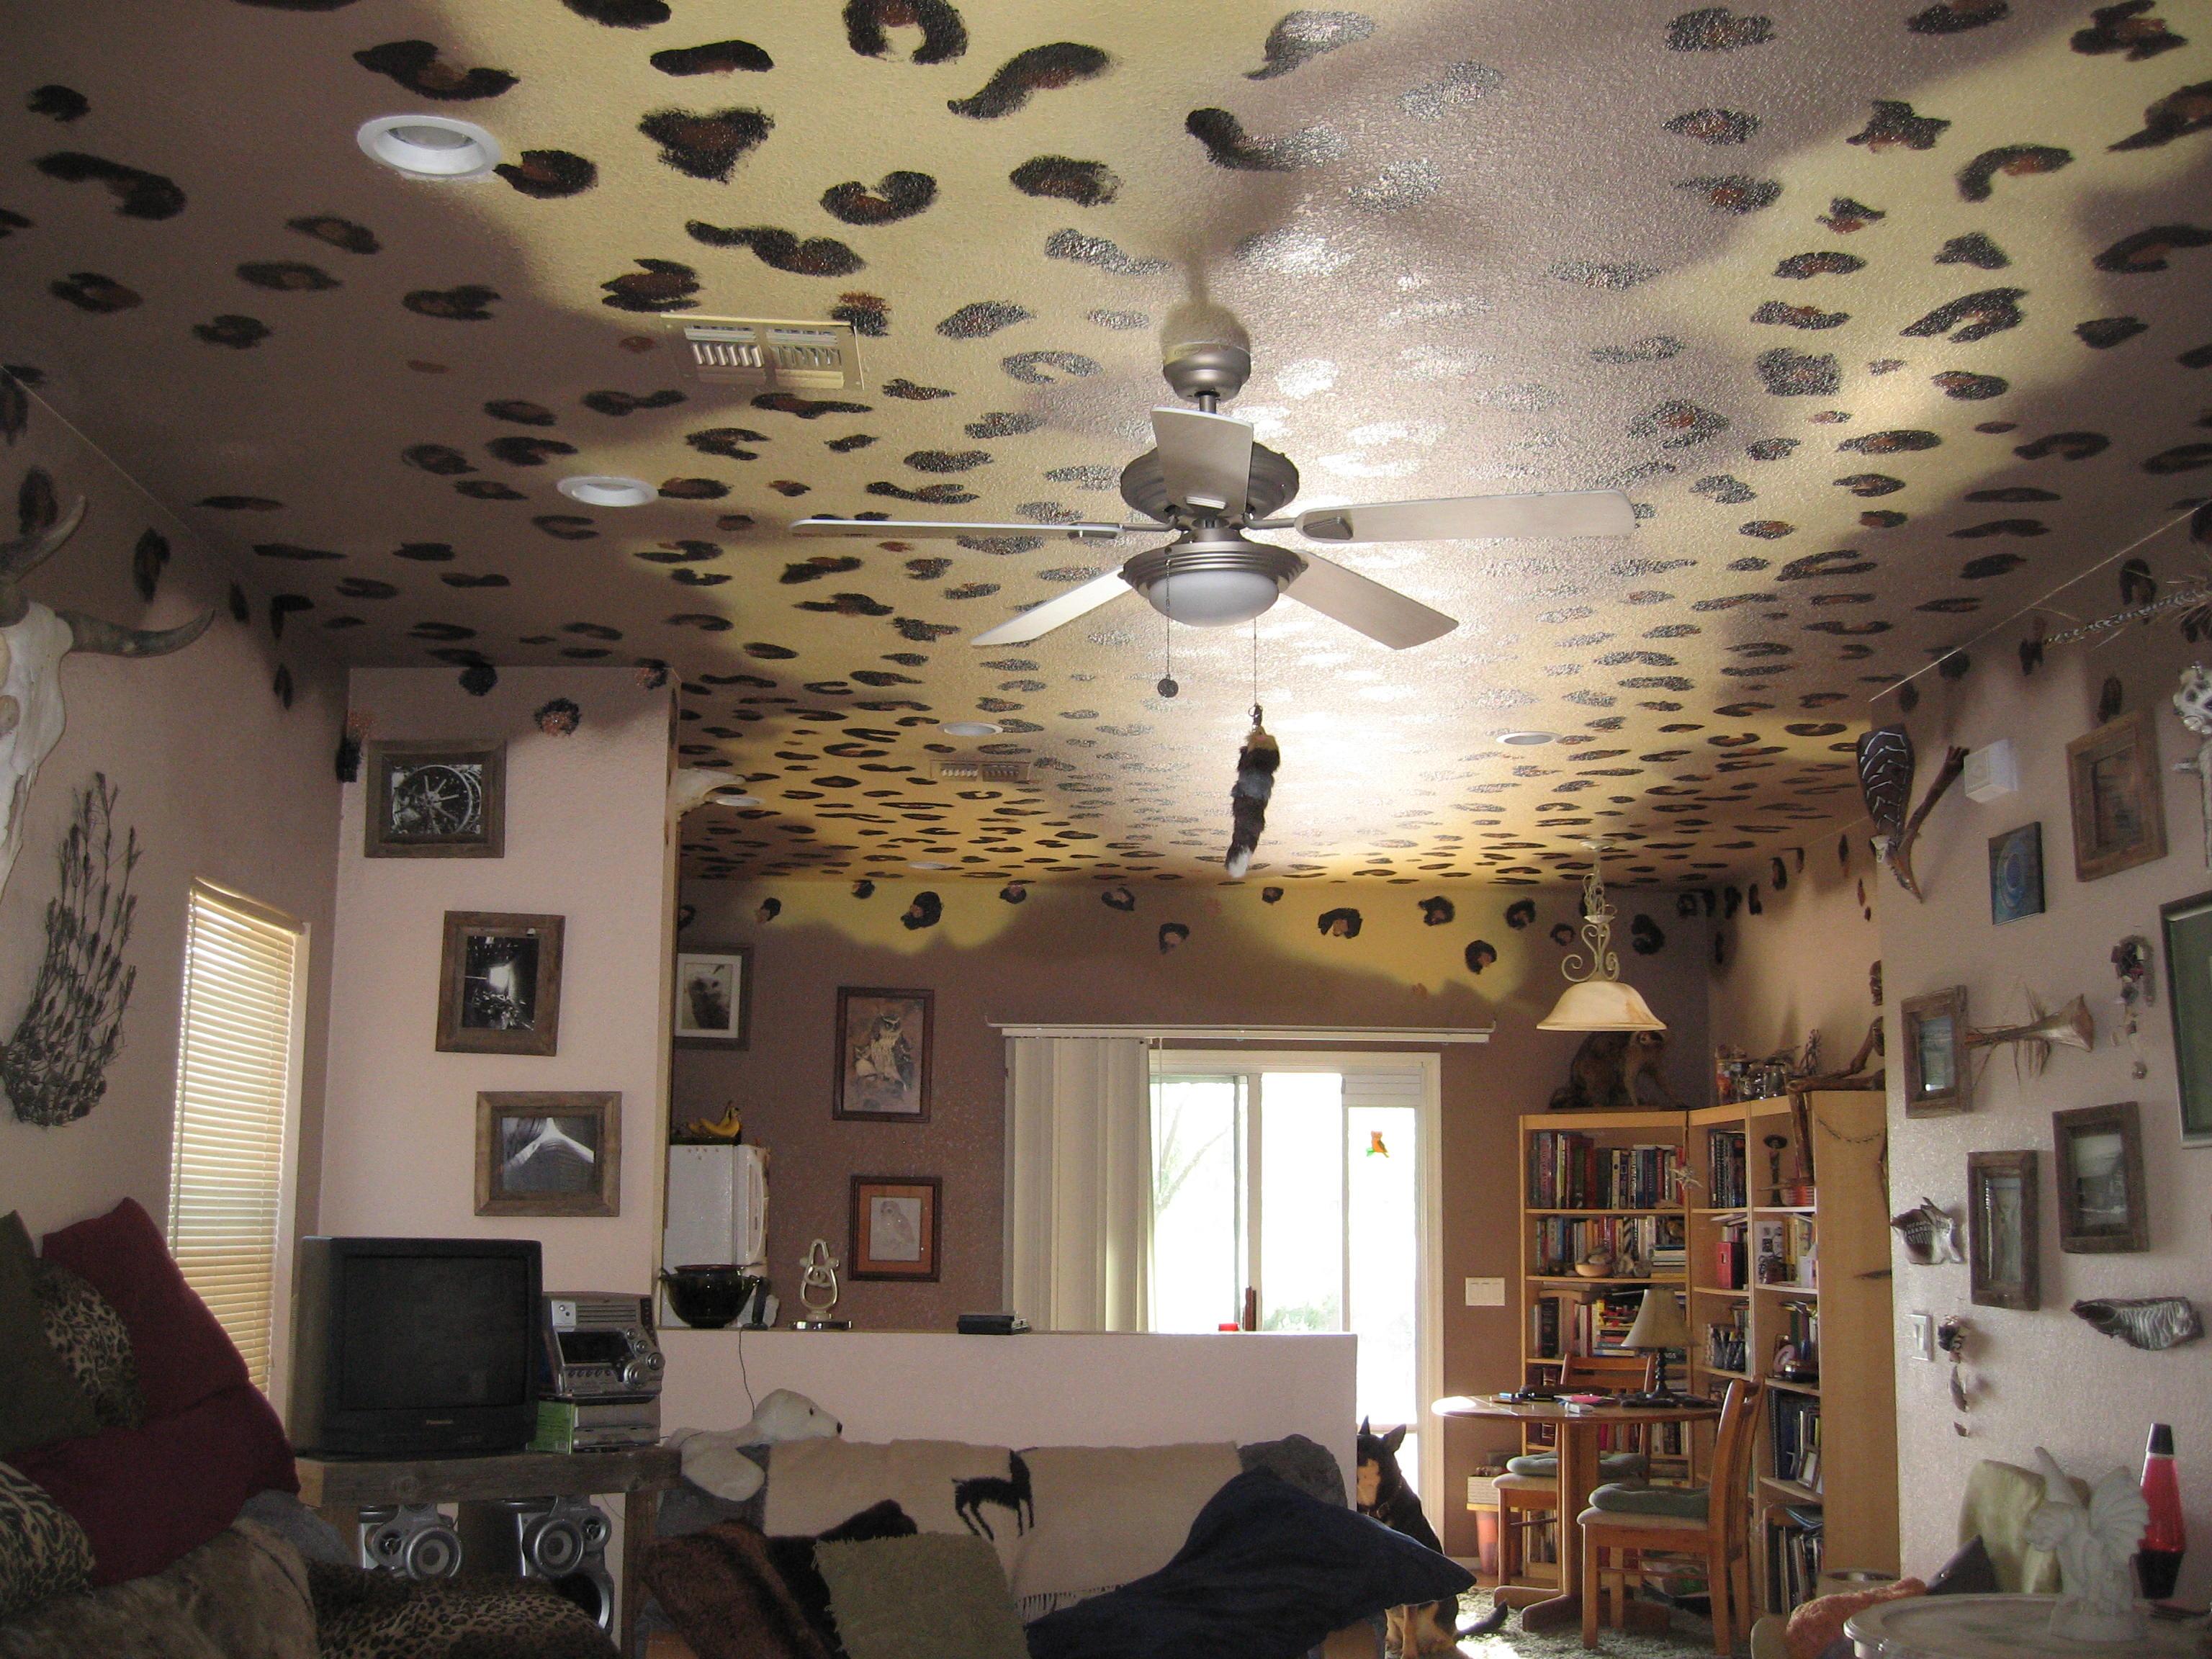 beautiful home interior sample designINTERIOR DESIGN